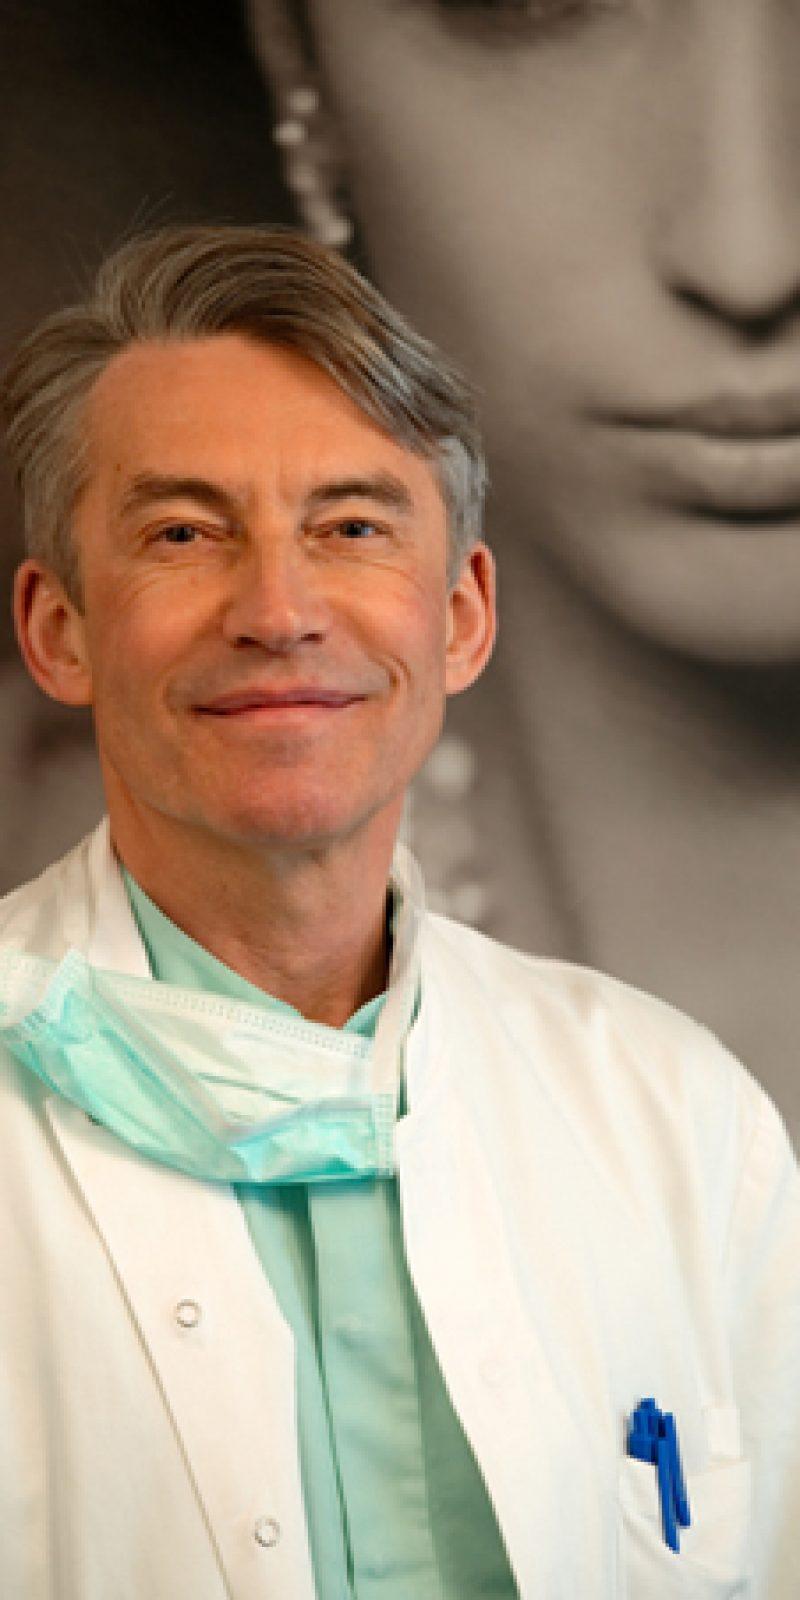 Docteur Louis-Philippe Dombard est Specialiste chirurgien plasticien